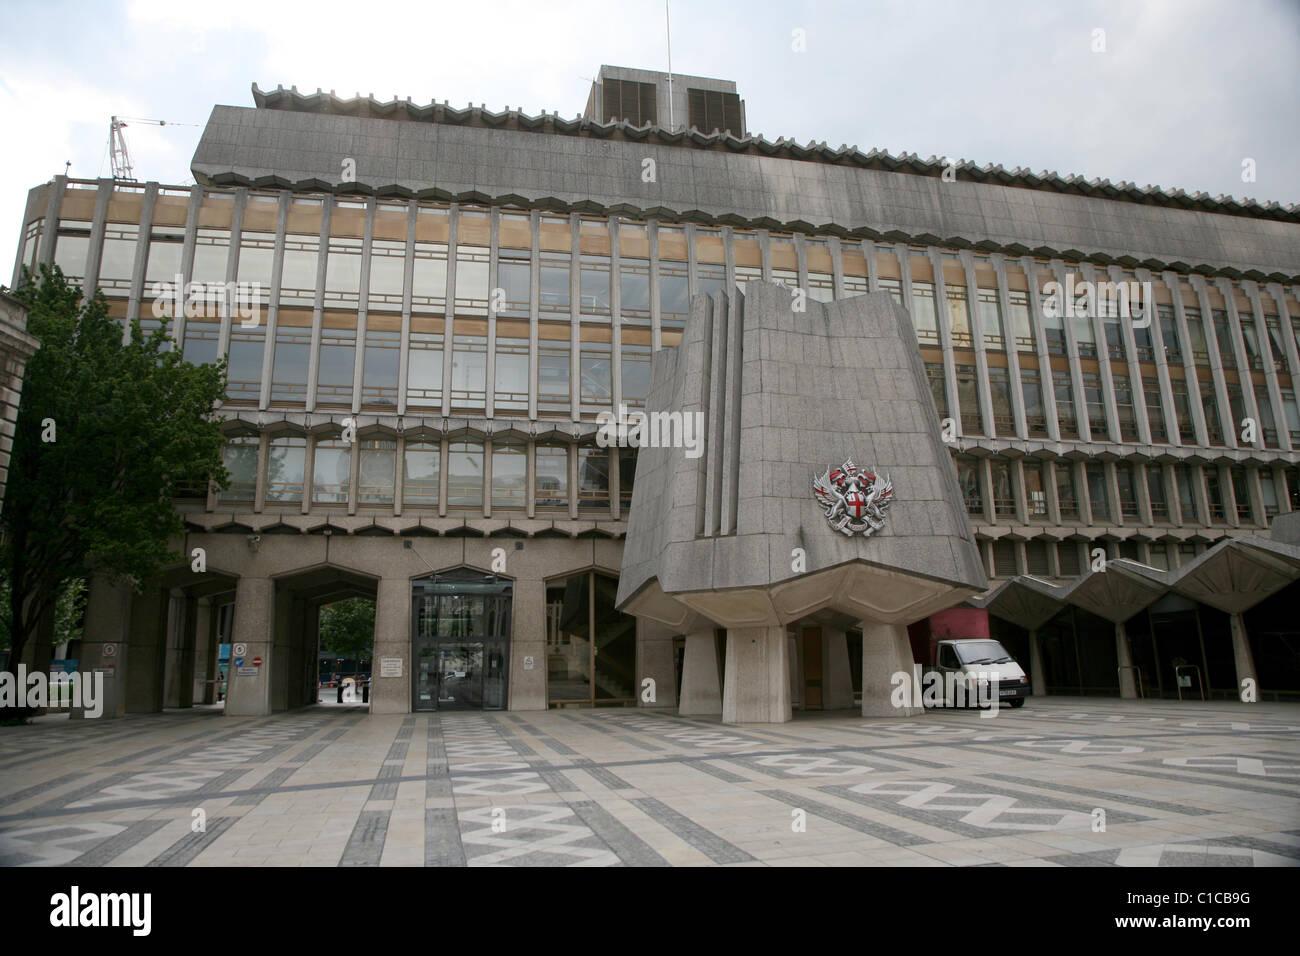 Allgemeine Ansicht Gv der Guildhall im Barbican, London, England. Stockbild